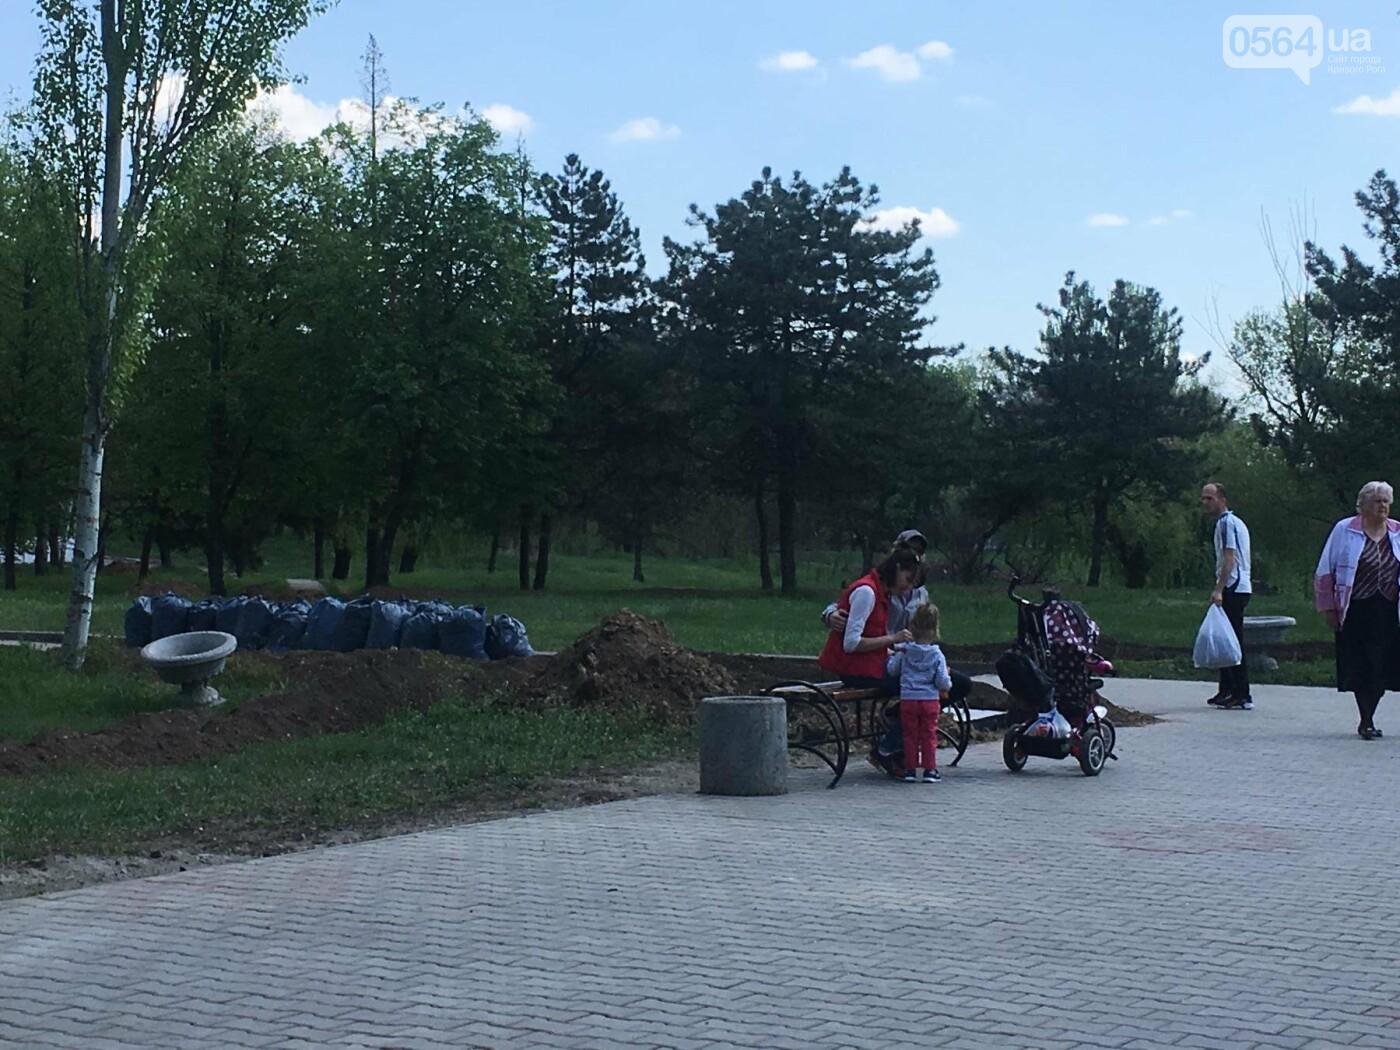 """""""В Европу без мусора!"""": криворожане помогли подготовить парк к Еврофесту (ФОТО), фото-10"""